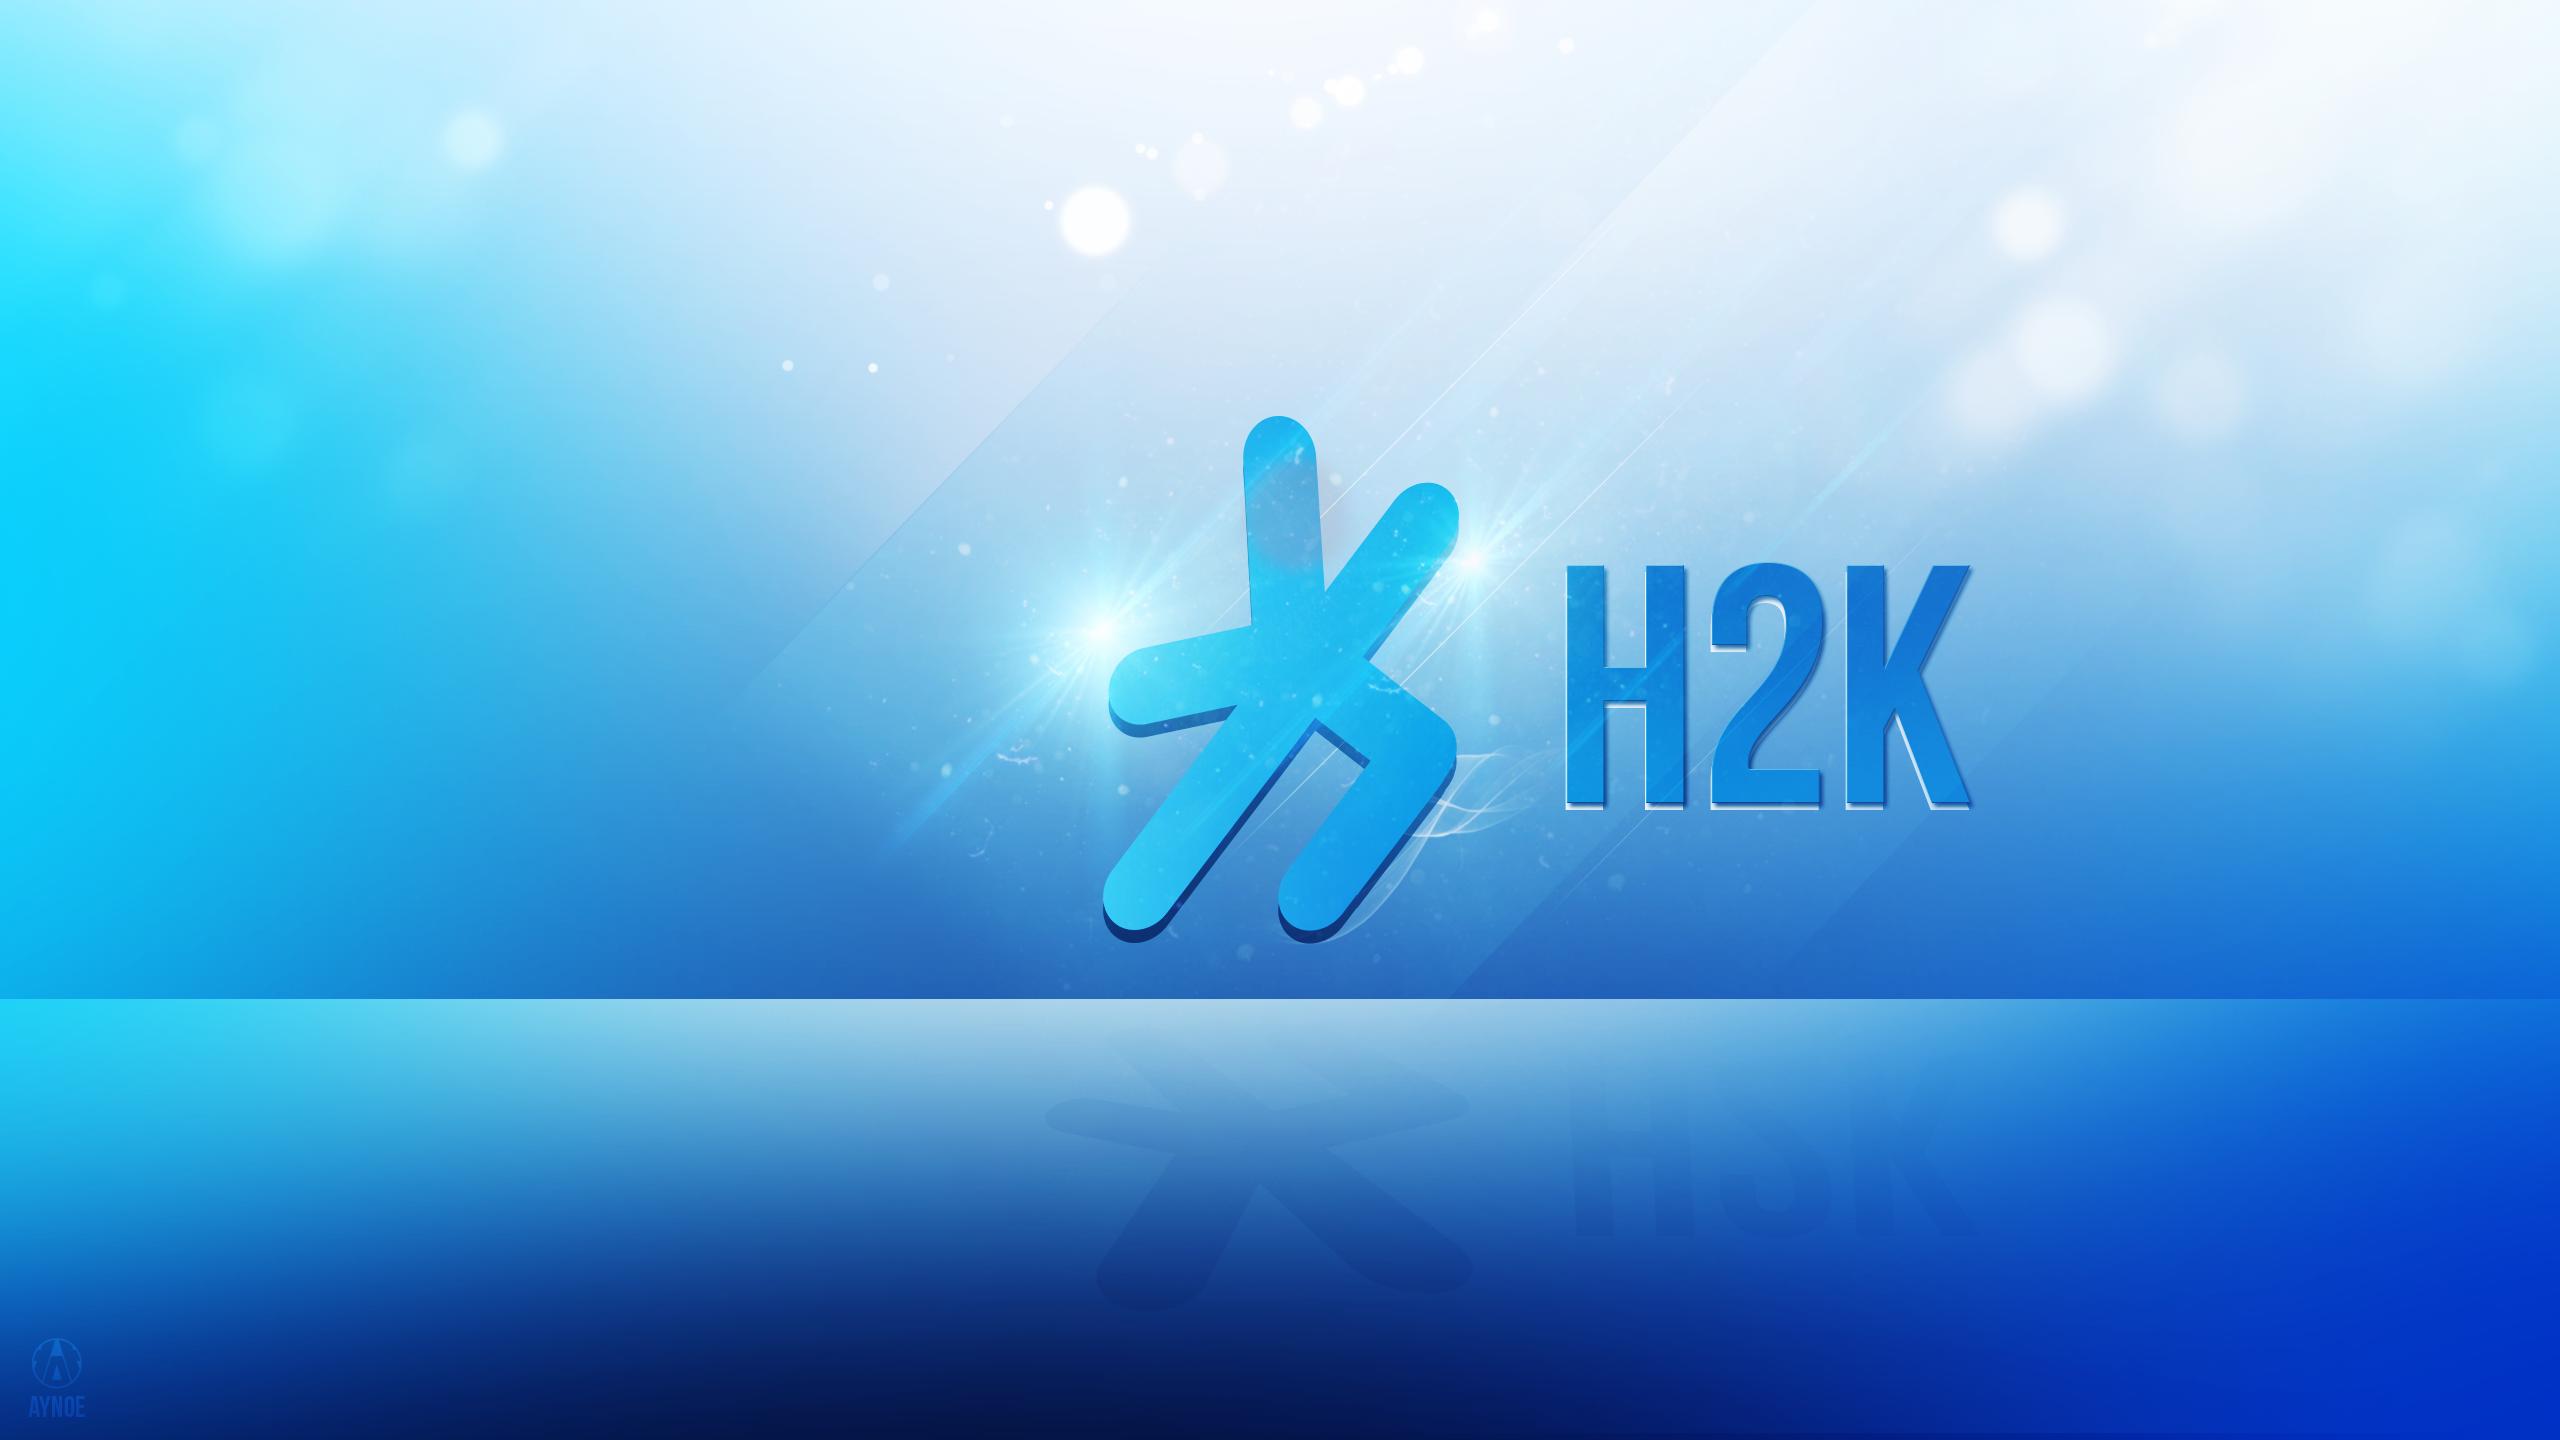 H2K Wallpaper Logo - League of Legends